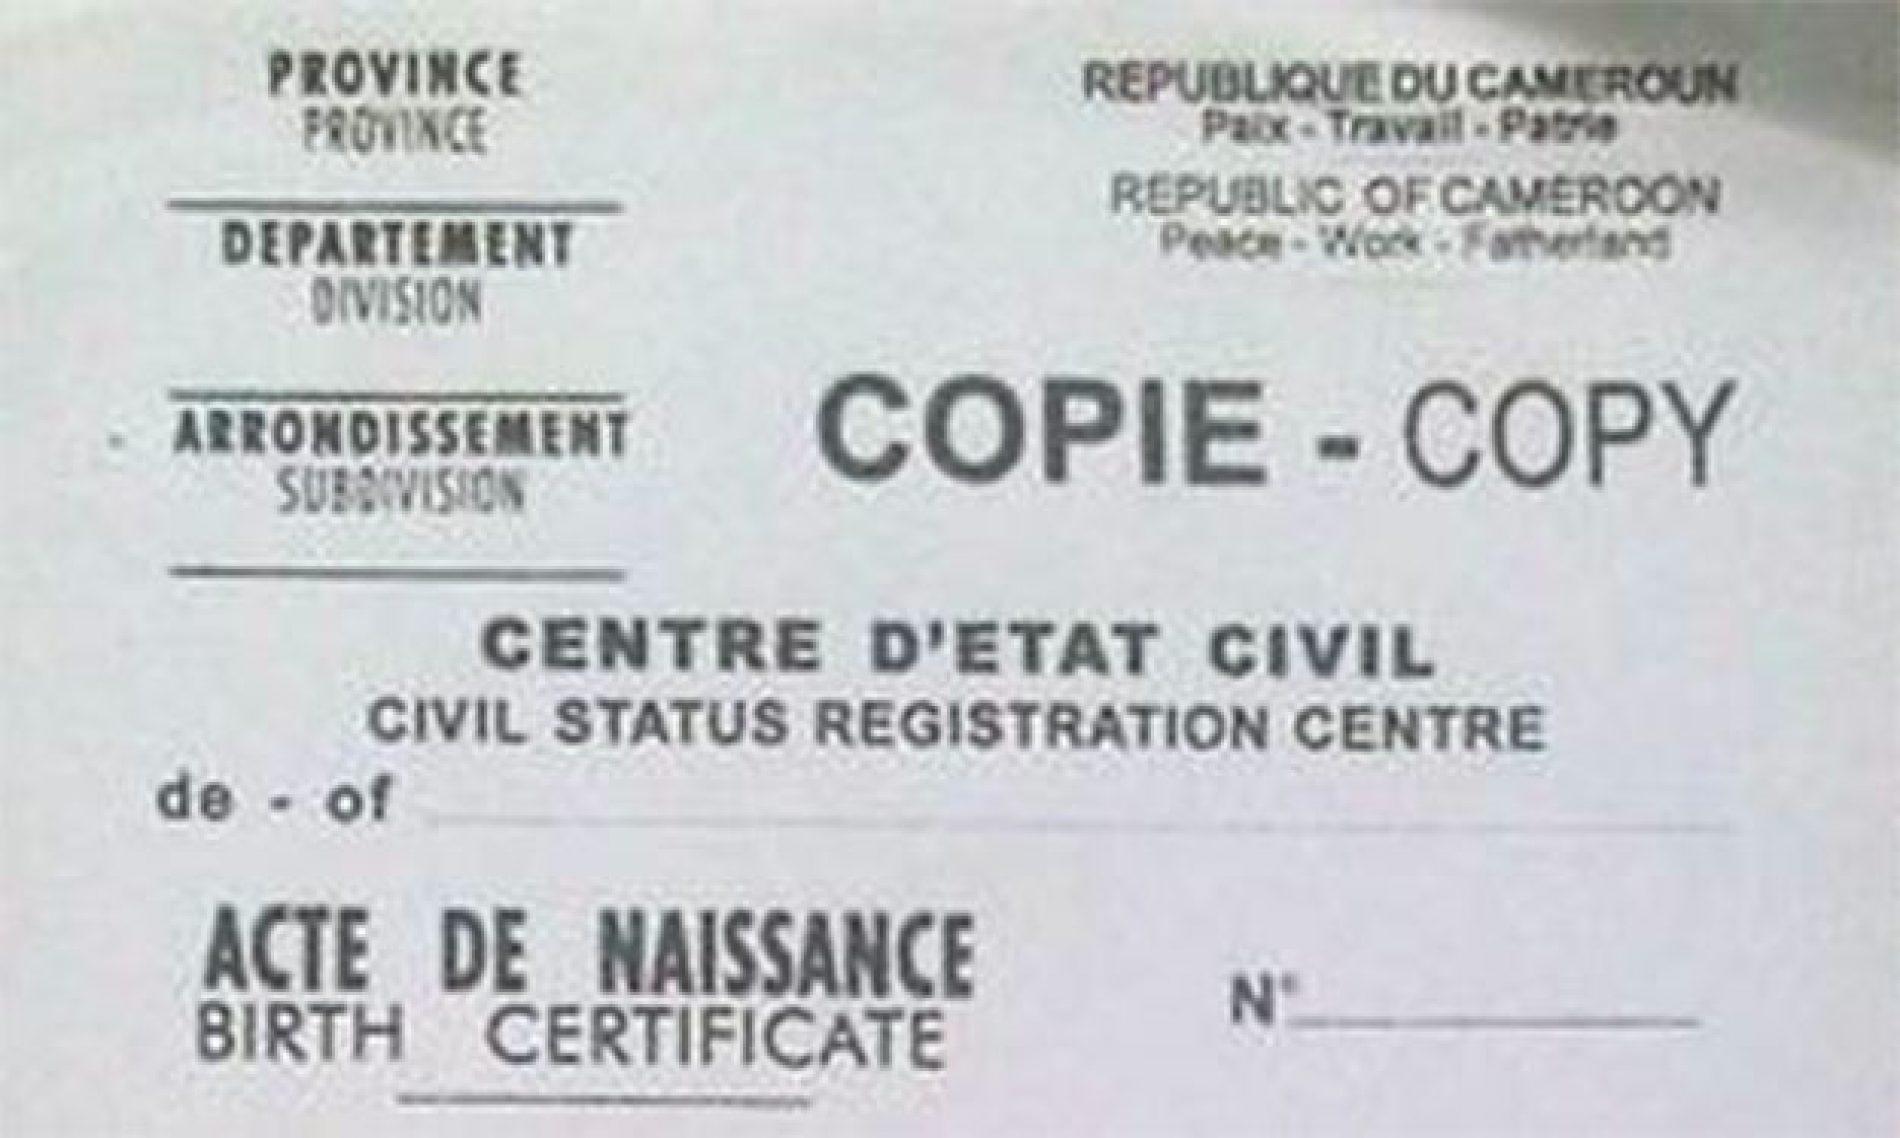 Etat civil : Le Cameroun soigne son système